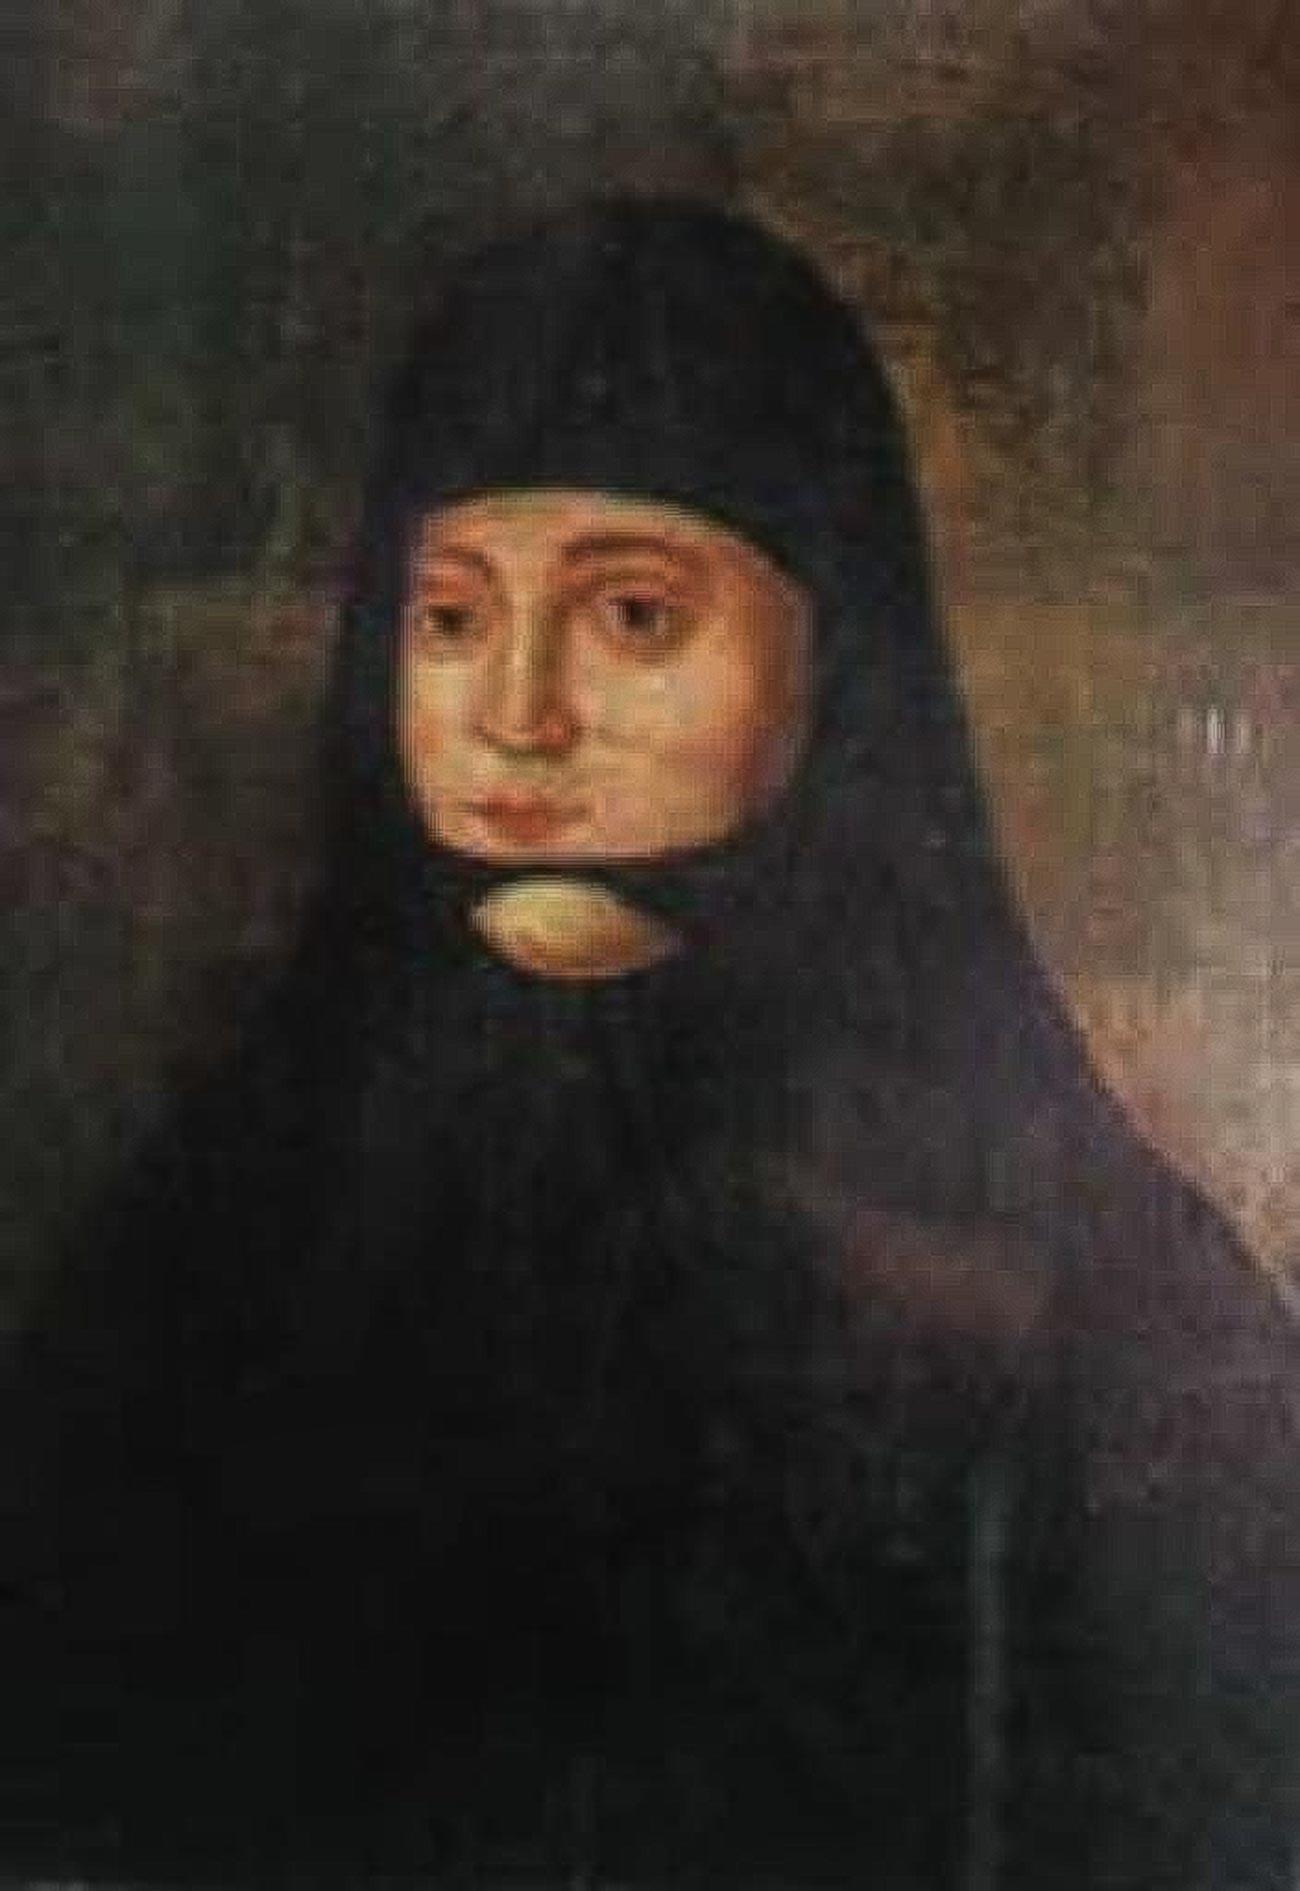 Solomonia Saburova, a primeira mulher do Grão Príncipe Vassíli 3°, depois de ser obrigada a virar freira no Mosteiro da Intercessão de Suzdal.